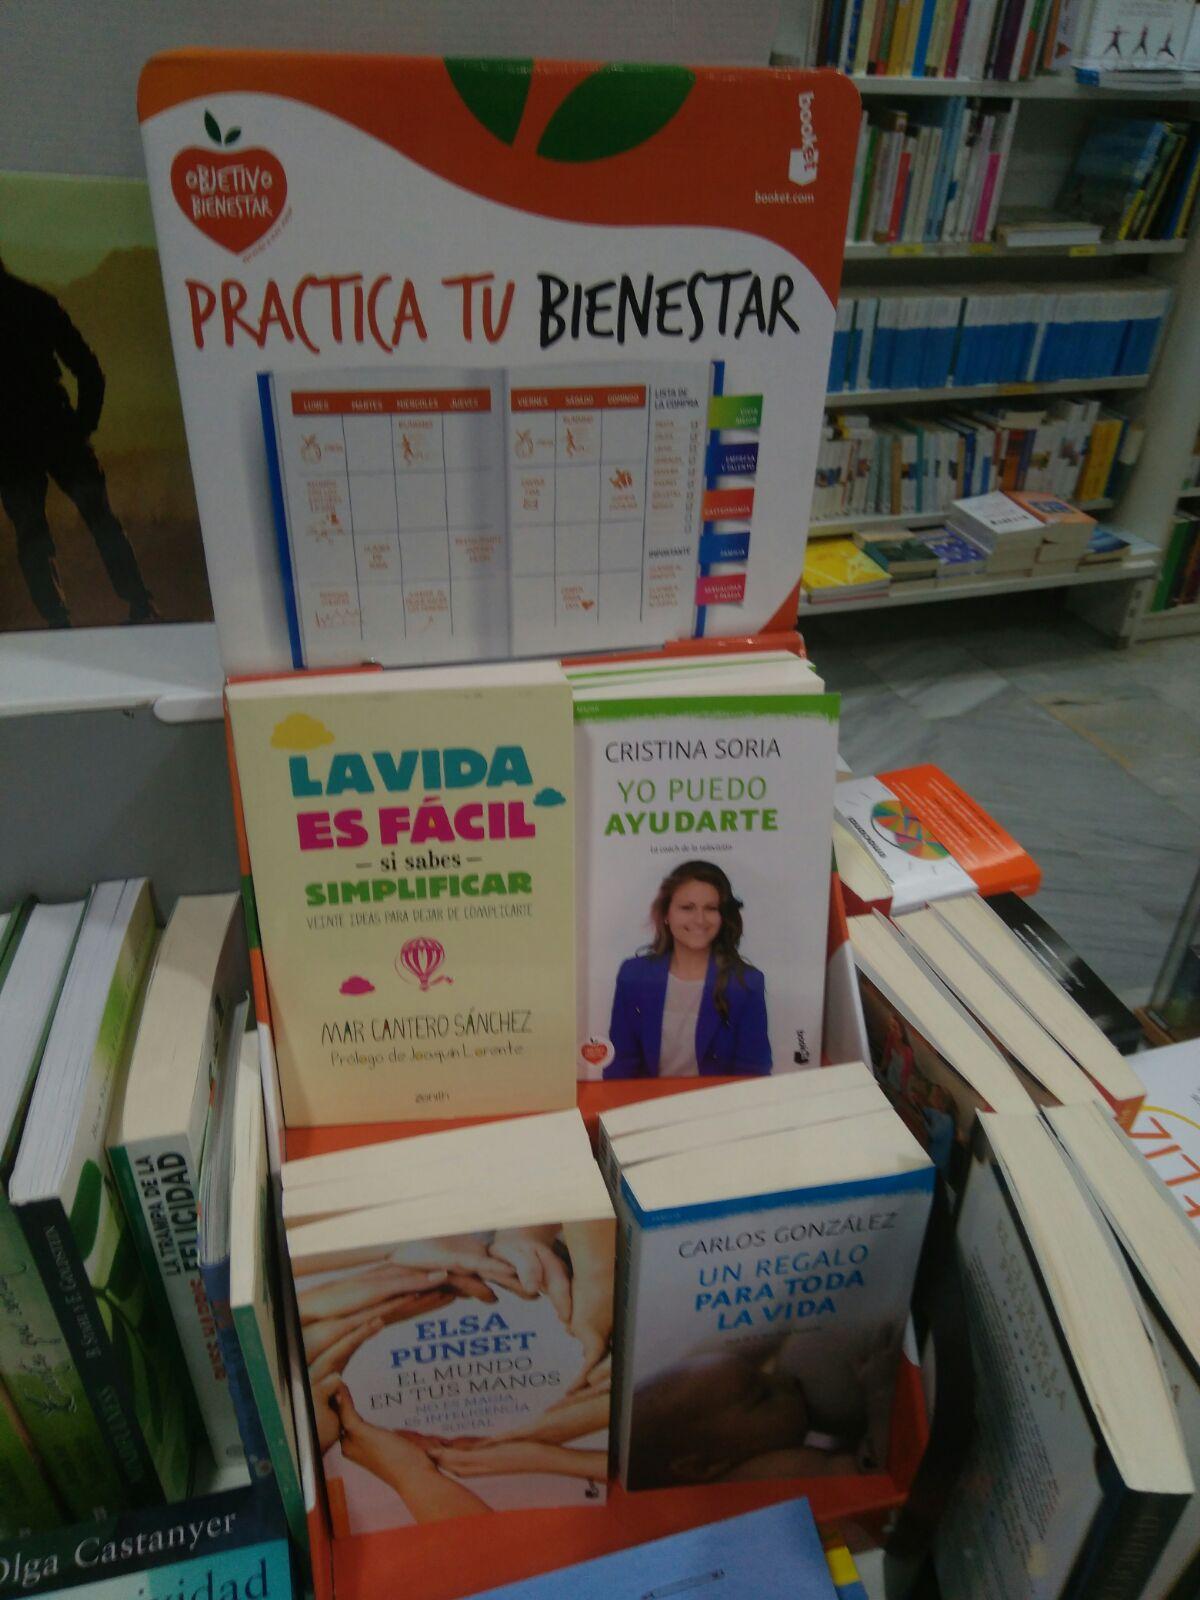 La vida es fácil, Librería Denia, Mar Cantero Sánchez, www.marcanterosanchez.com